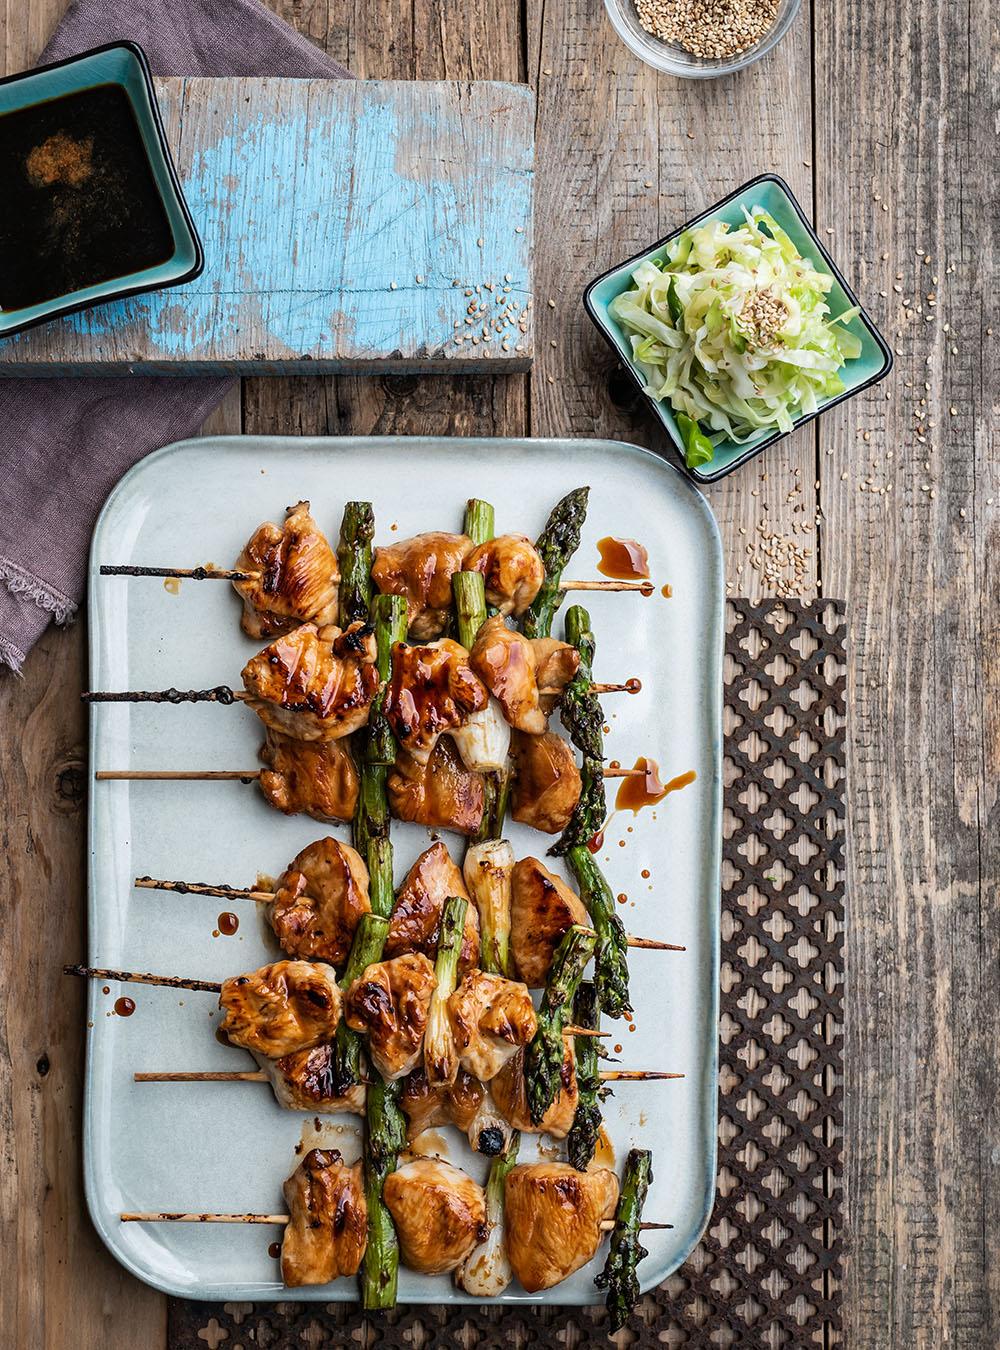 Yakitori 焼(き)鳥 - gegrillte japanische Hähnchenspieße mit Lauch und Spargel